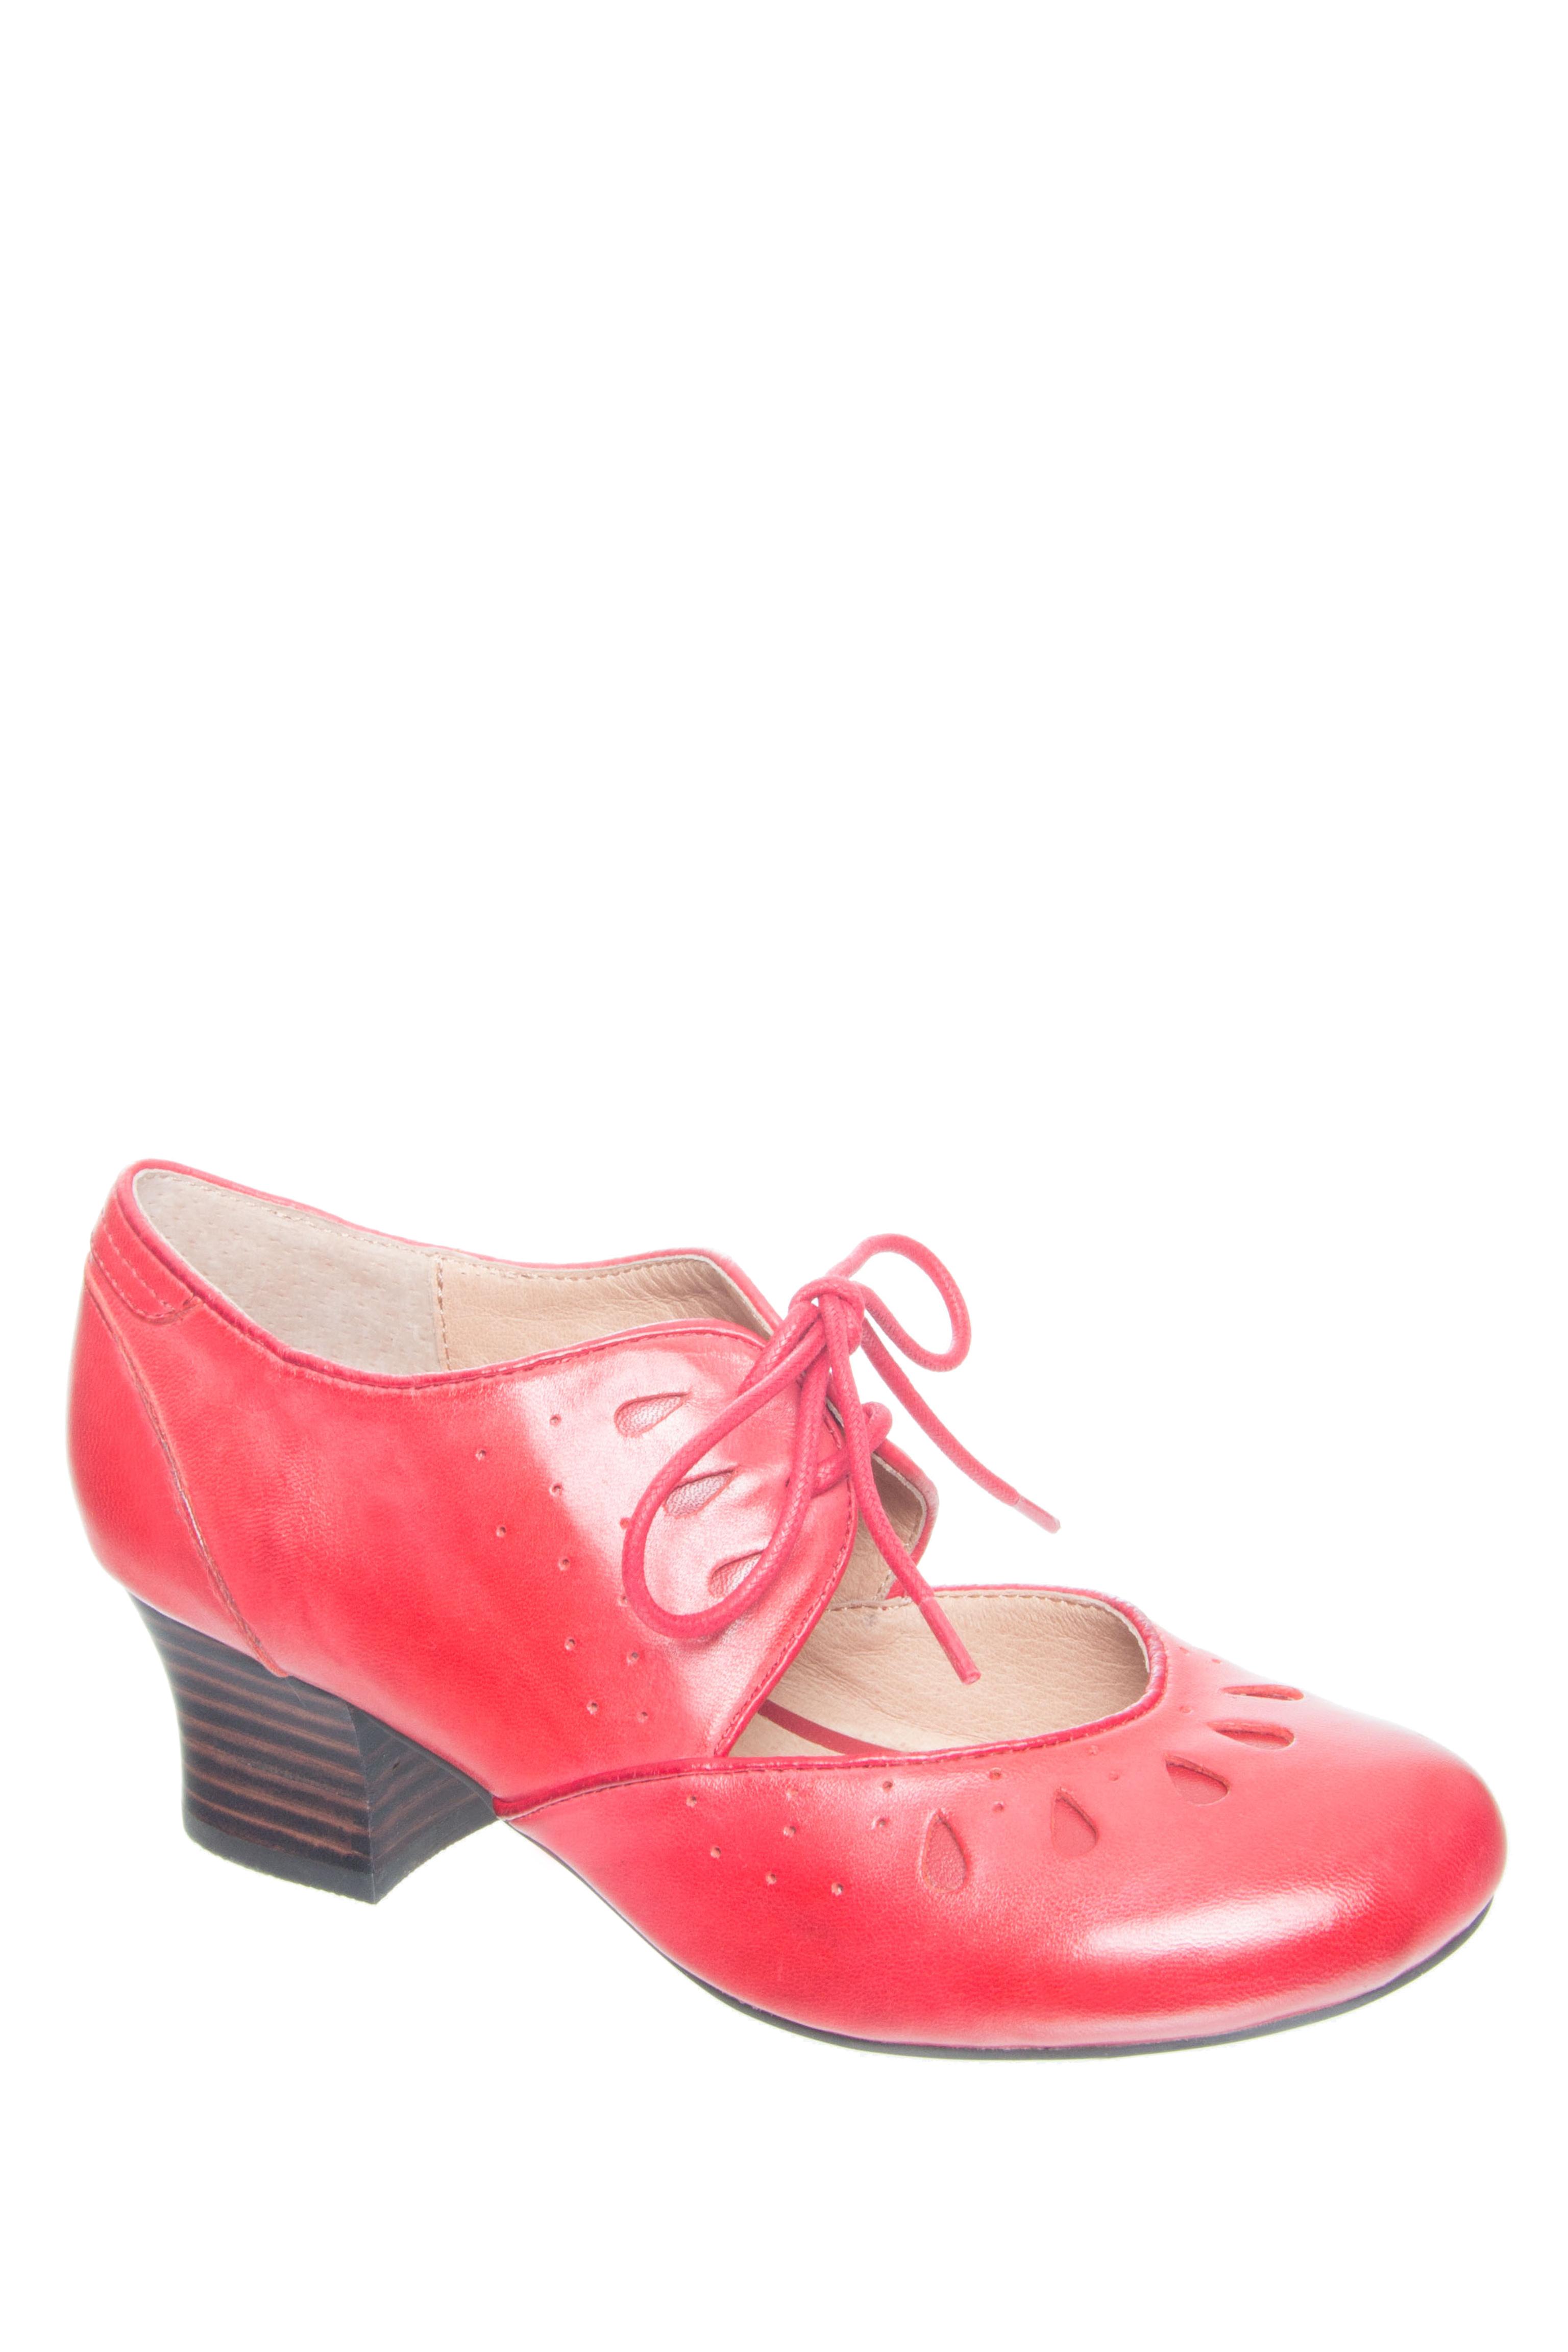 MIZ MOOZ Fordham Eyelet Heels - Red